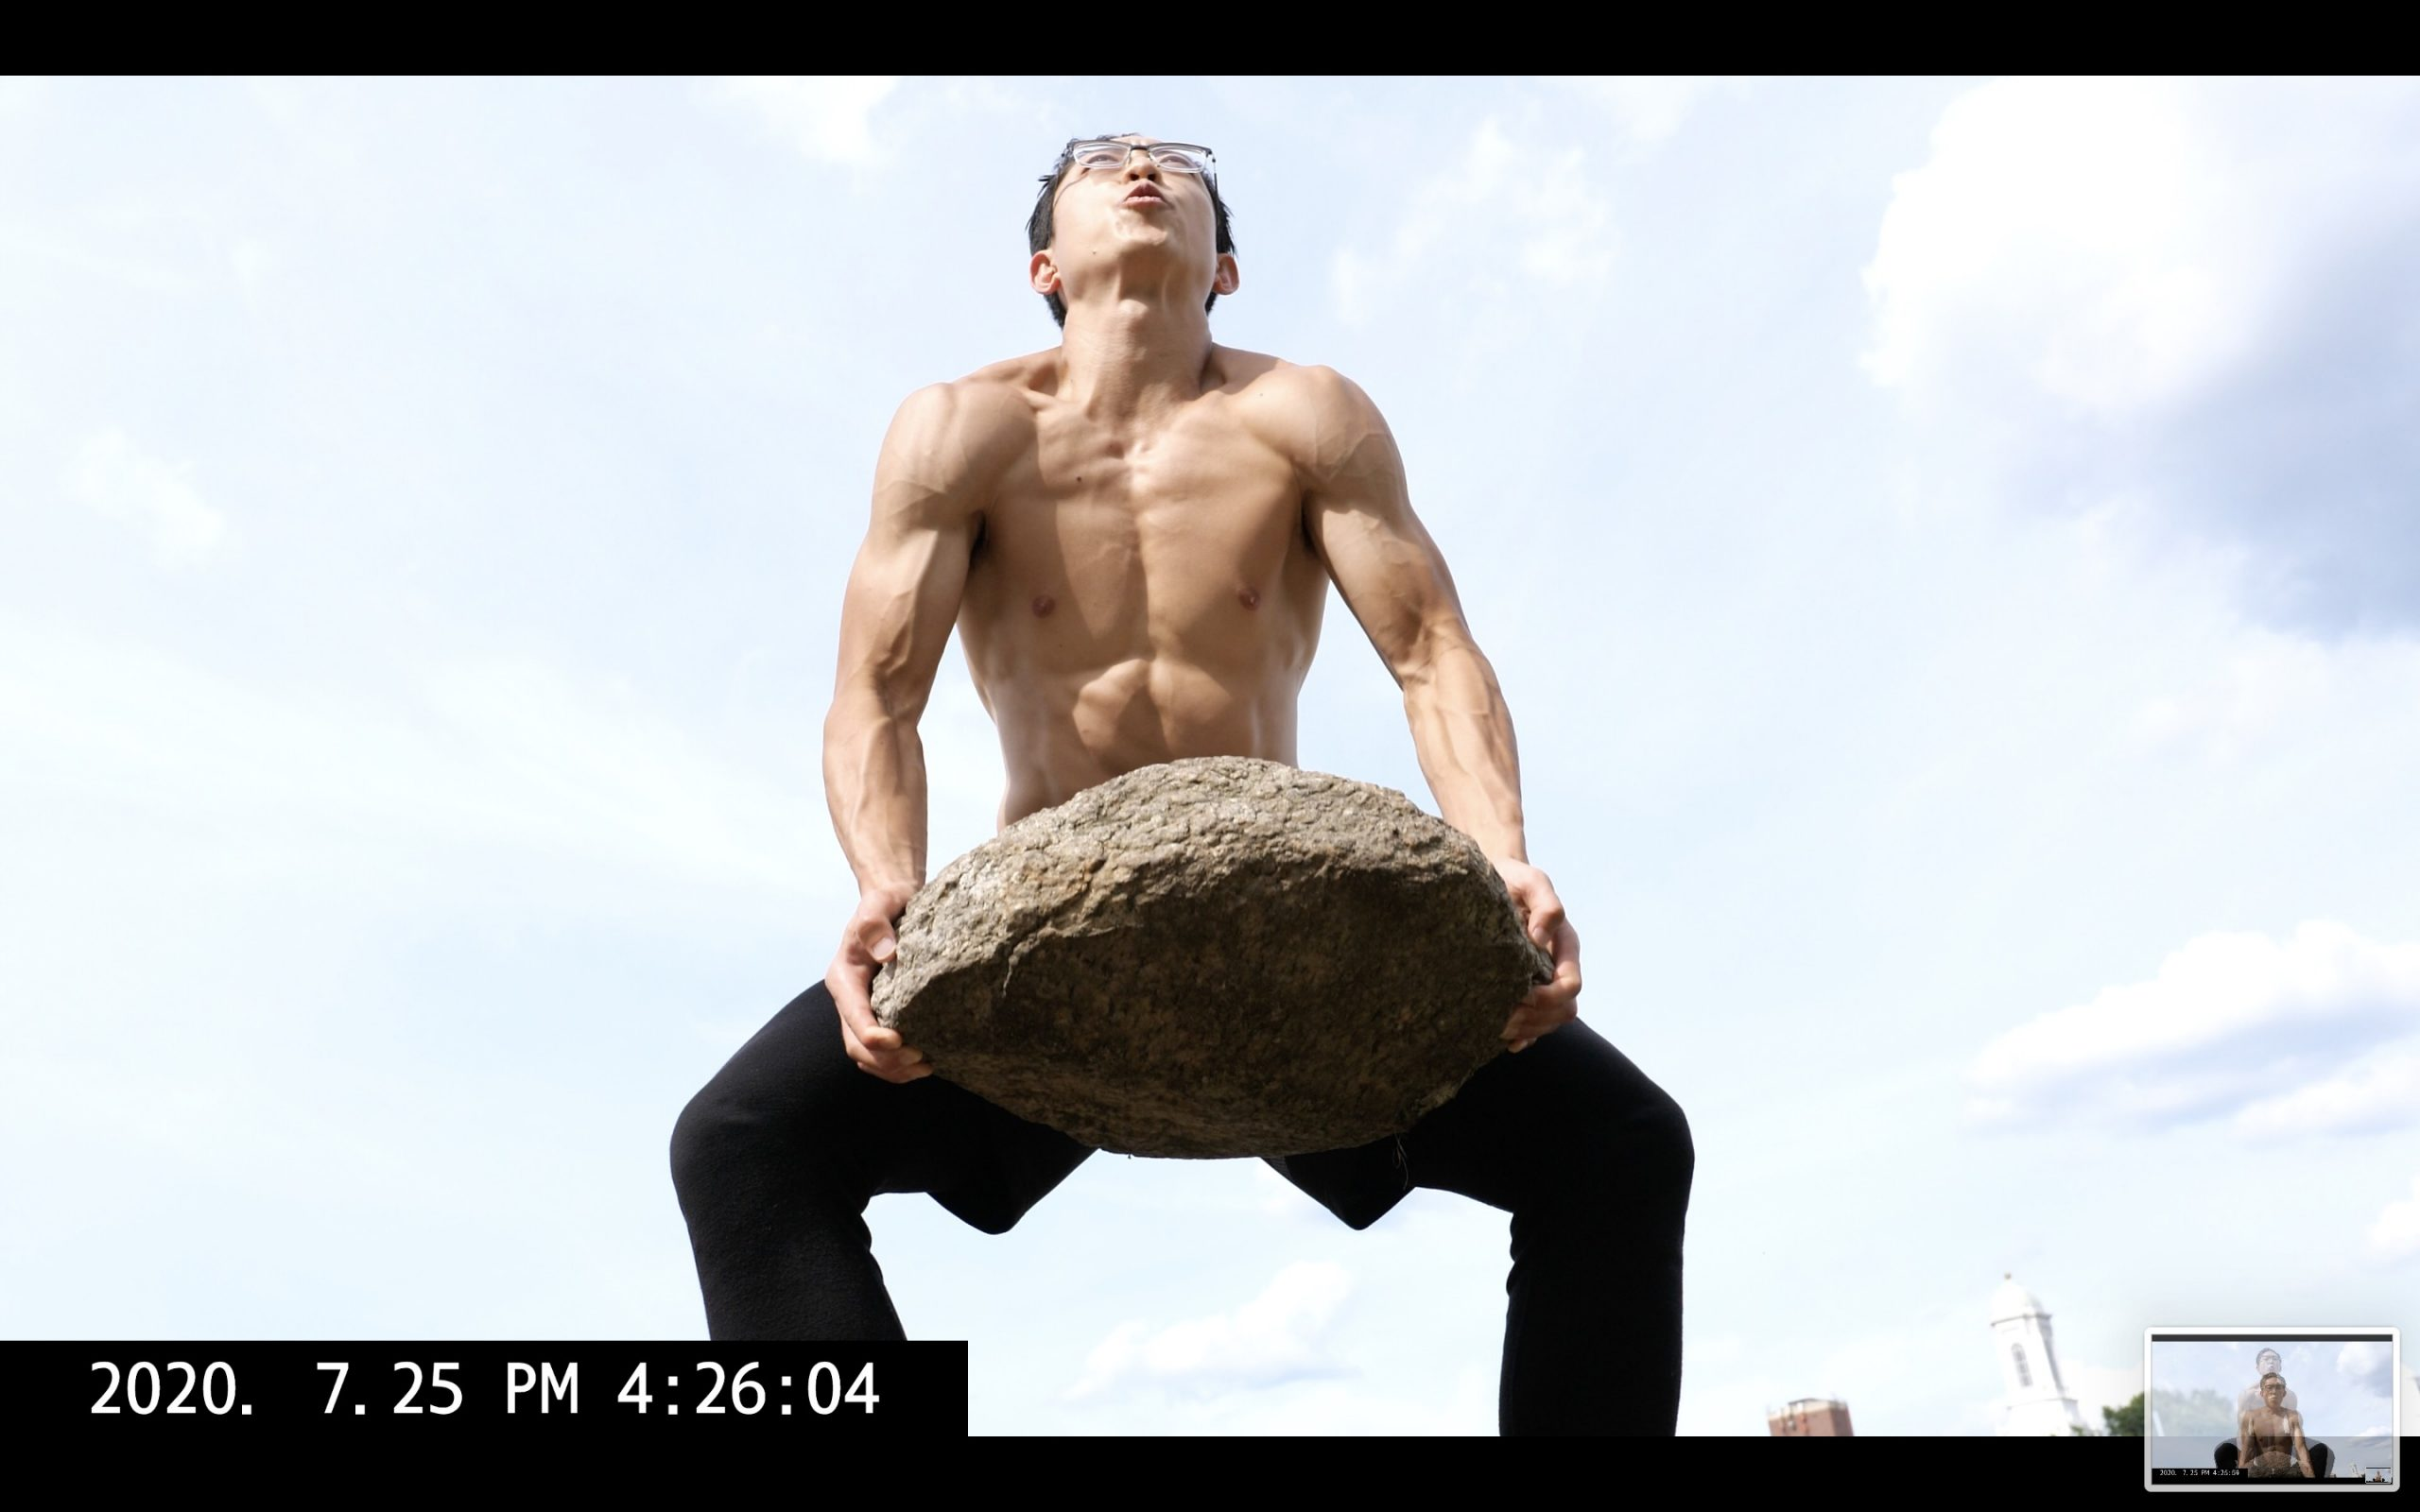 rock toss